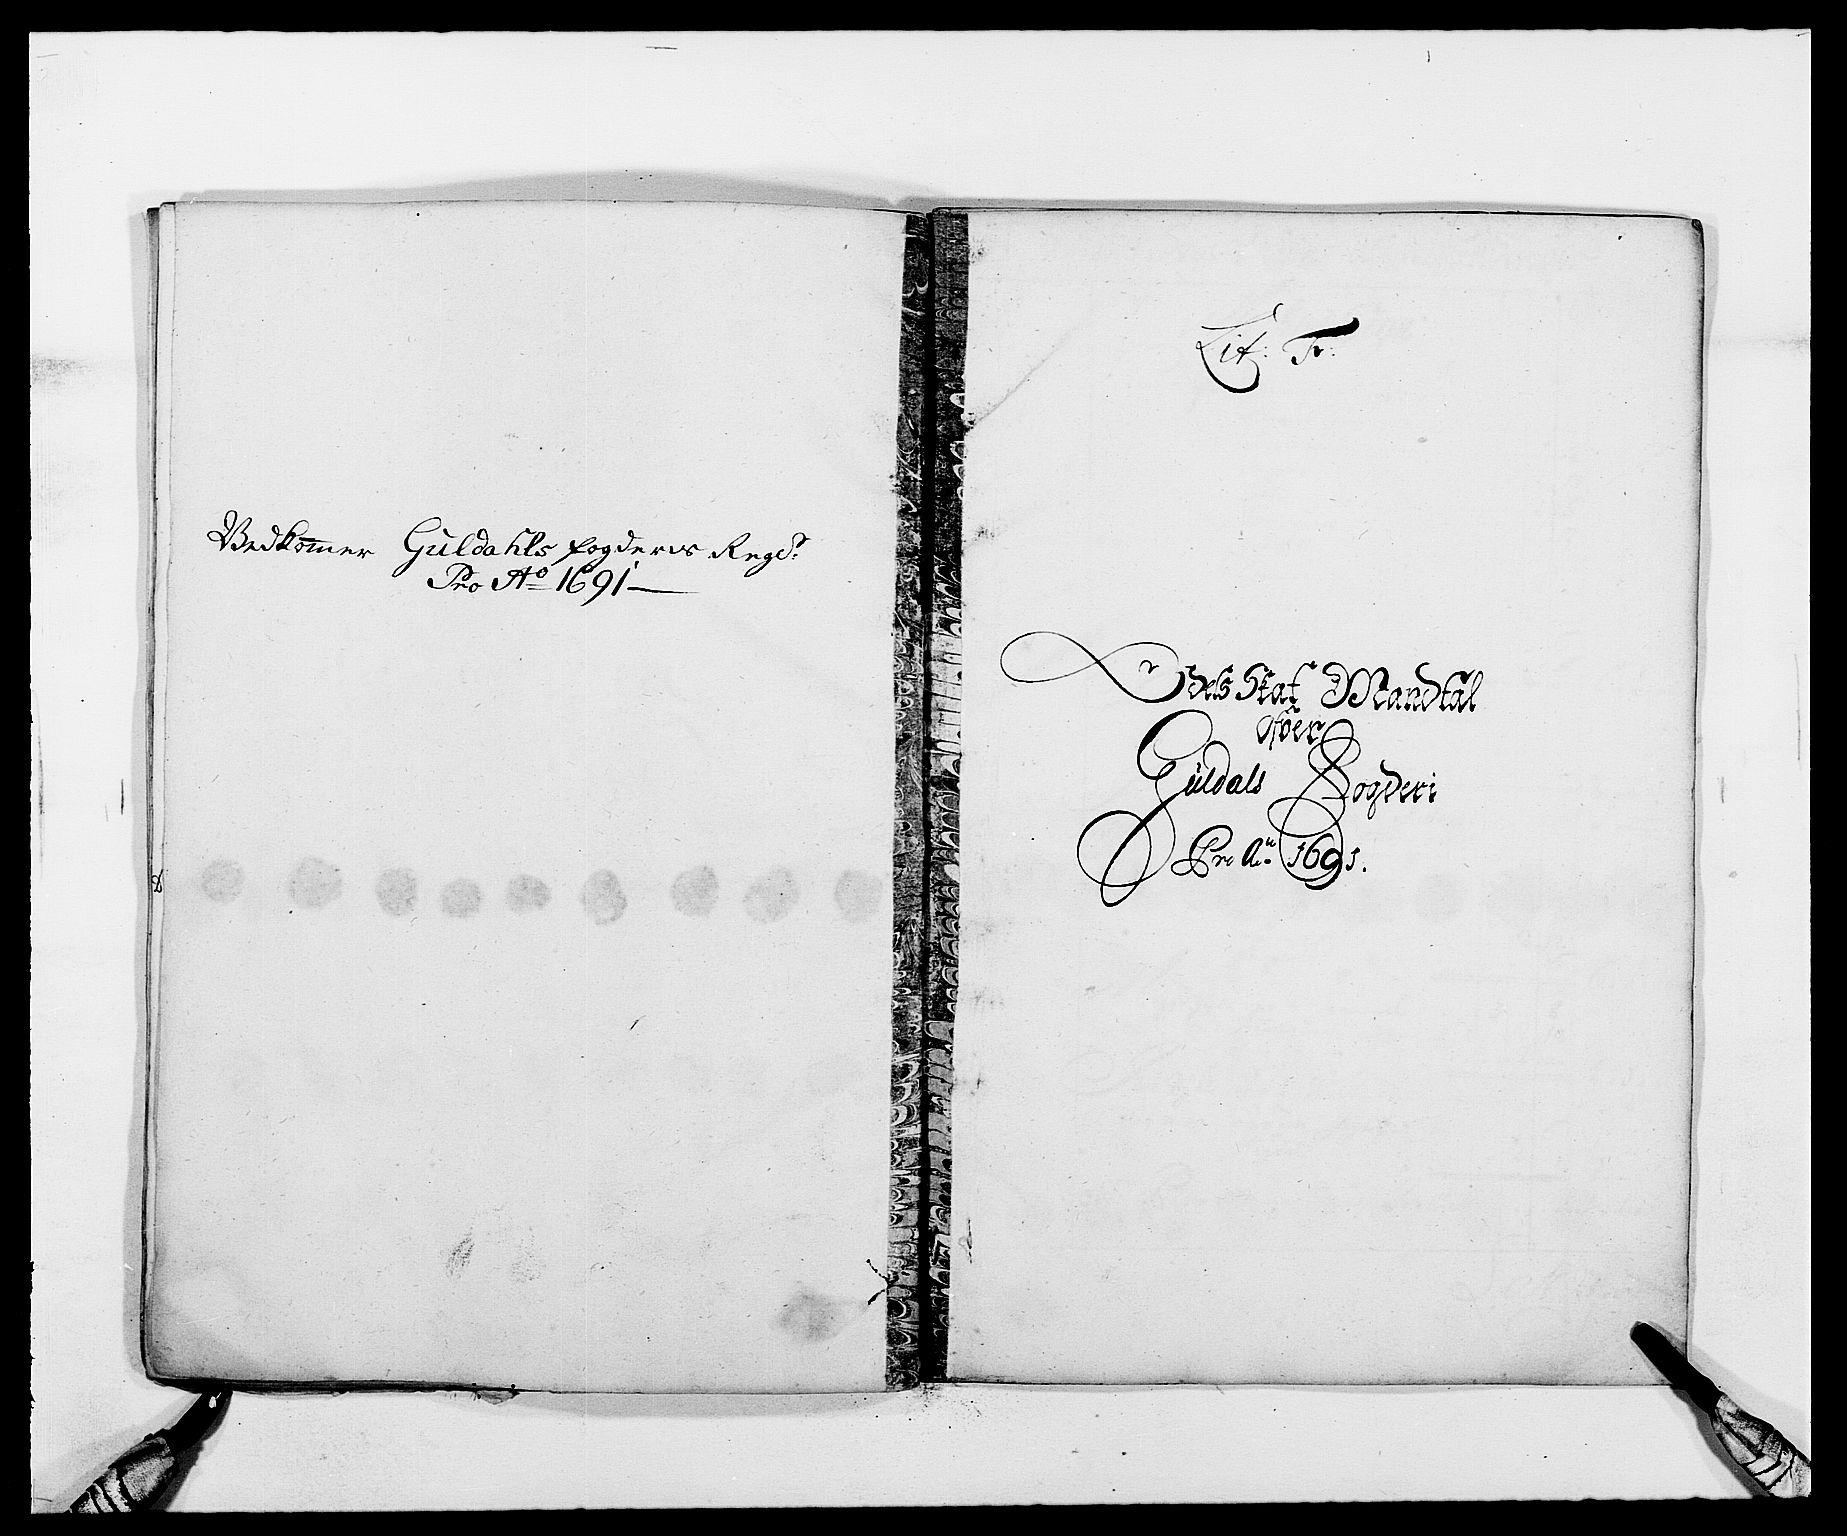 RA, Rentekammeret inntil 1814, Reviderte regnskaper, Fogderegnskap, R59/L3941: Fogderegnskap Gauldal, 1691, s. 83